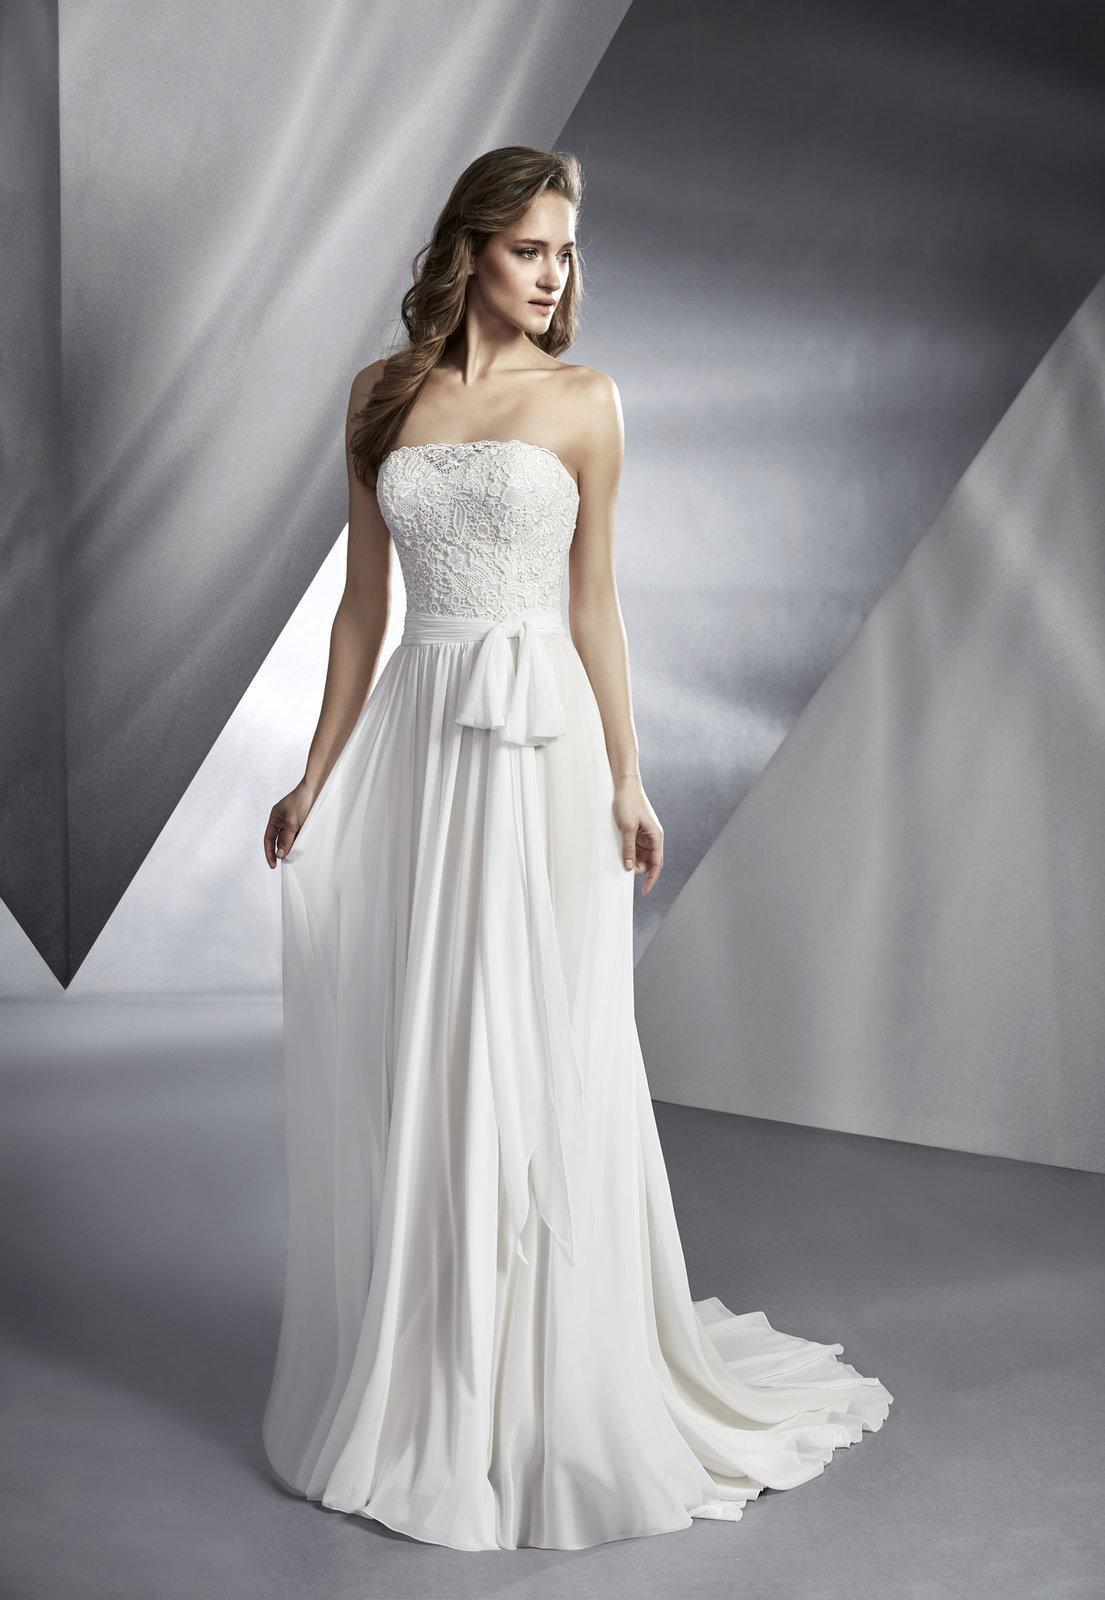 Brautkleid Bardolino von Modeca auf Ja.de